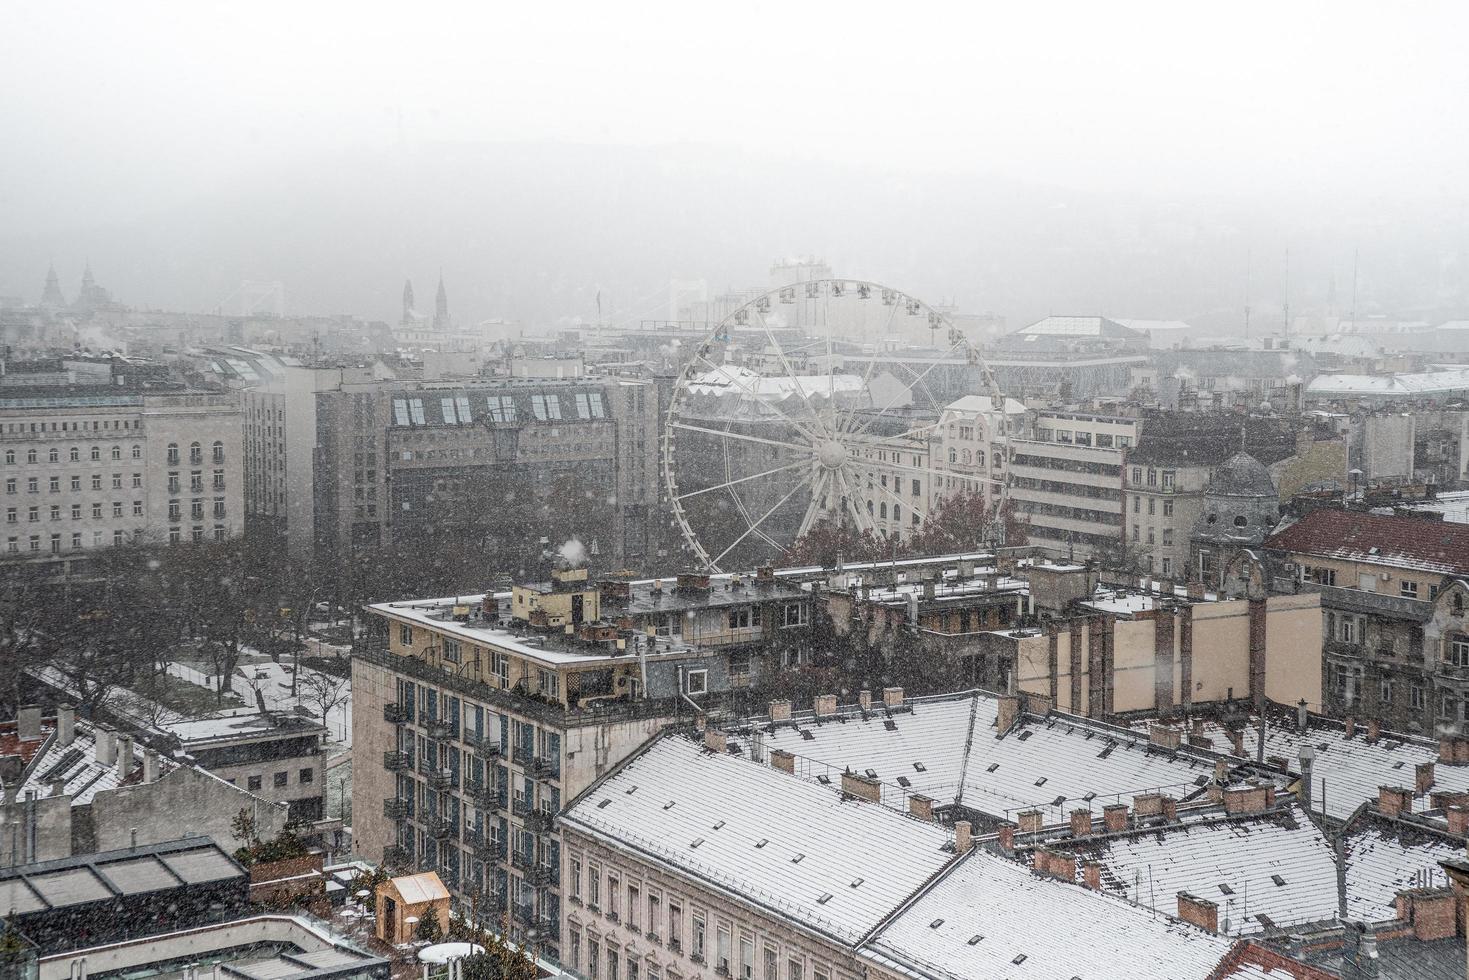 Budapest, Ungarn 2019 - Panorama von Budapest im Winter foto